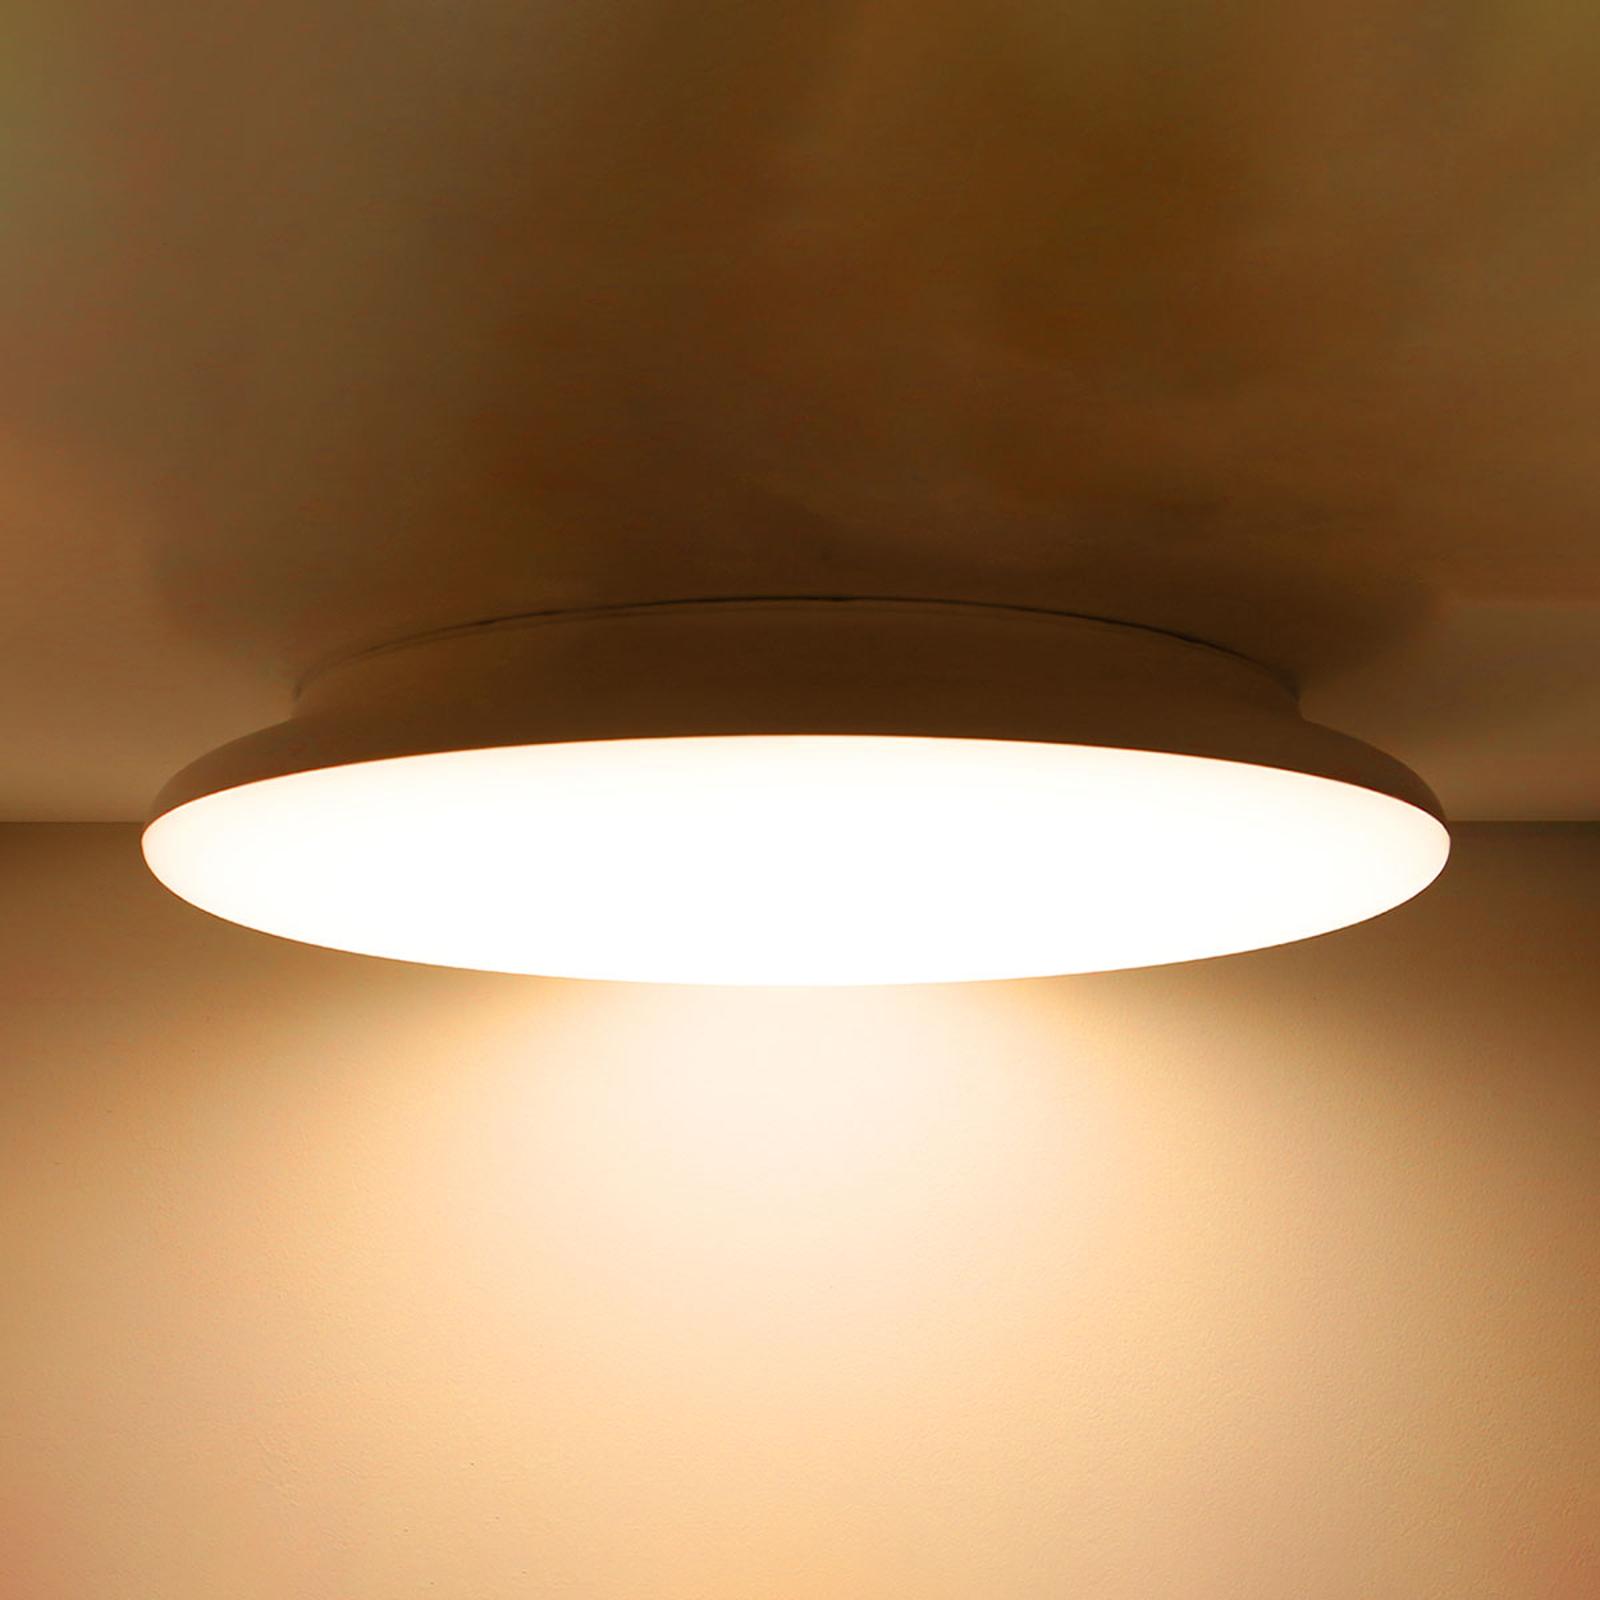 SLC plafoniera LED dimmerabile IP54 25 cm 2.700K